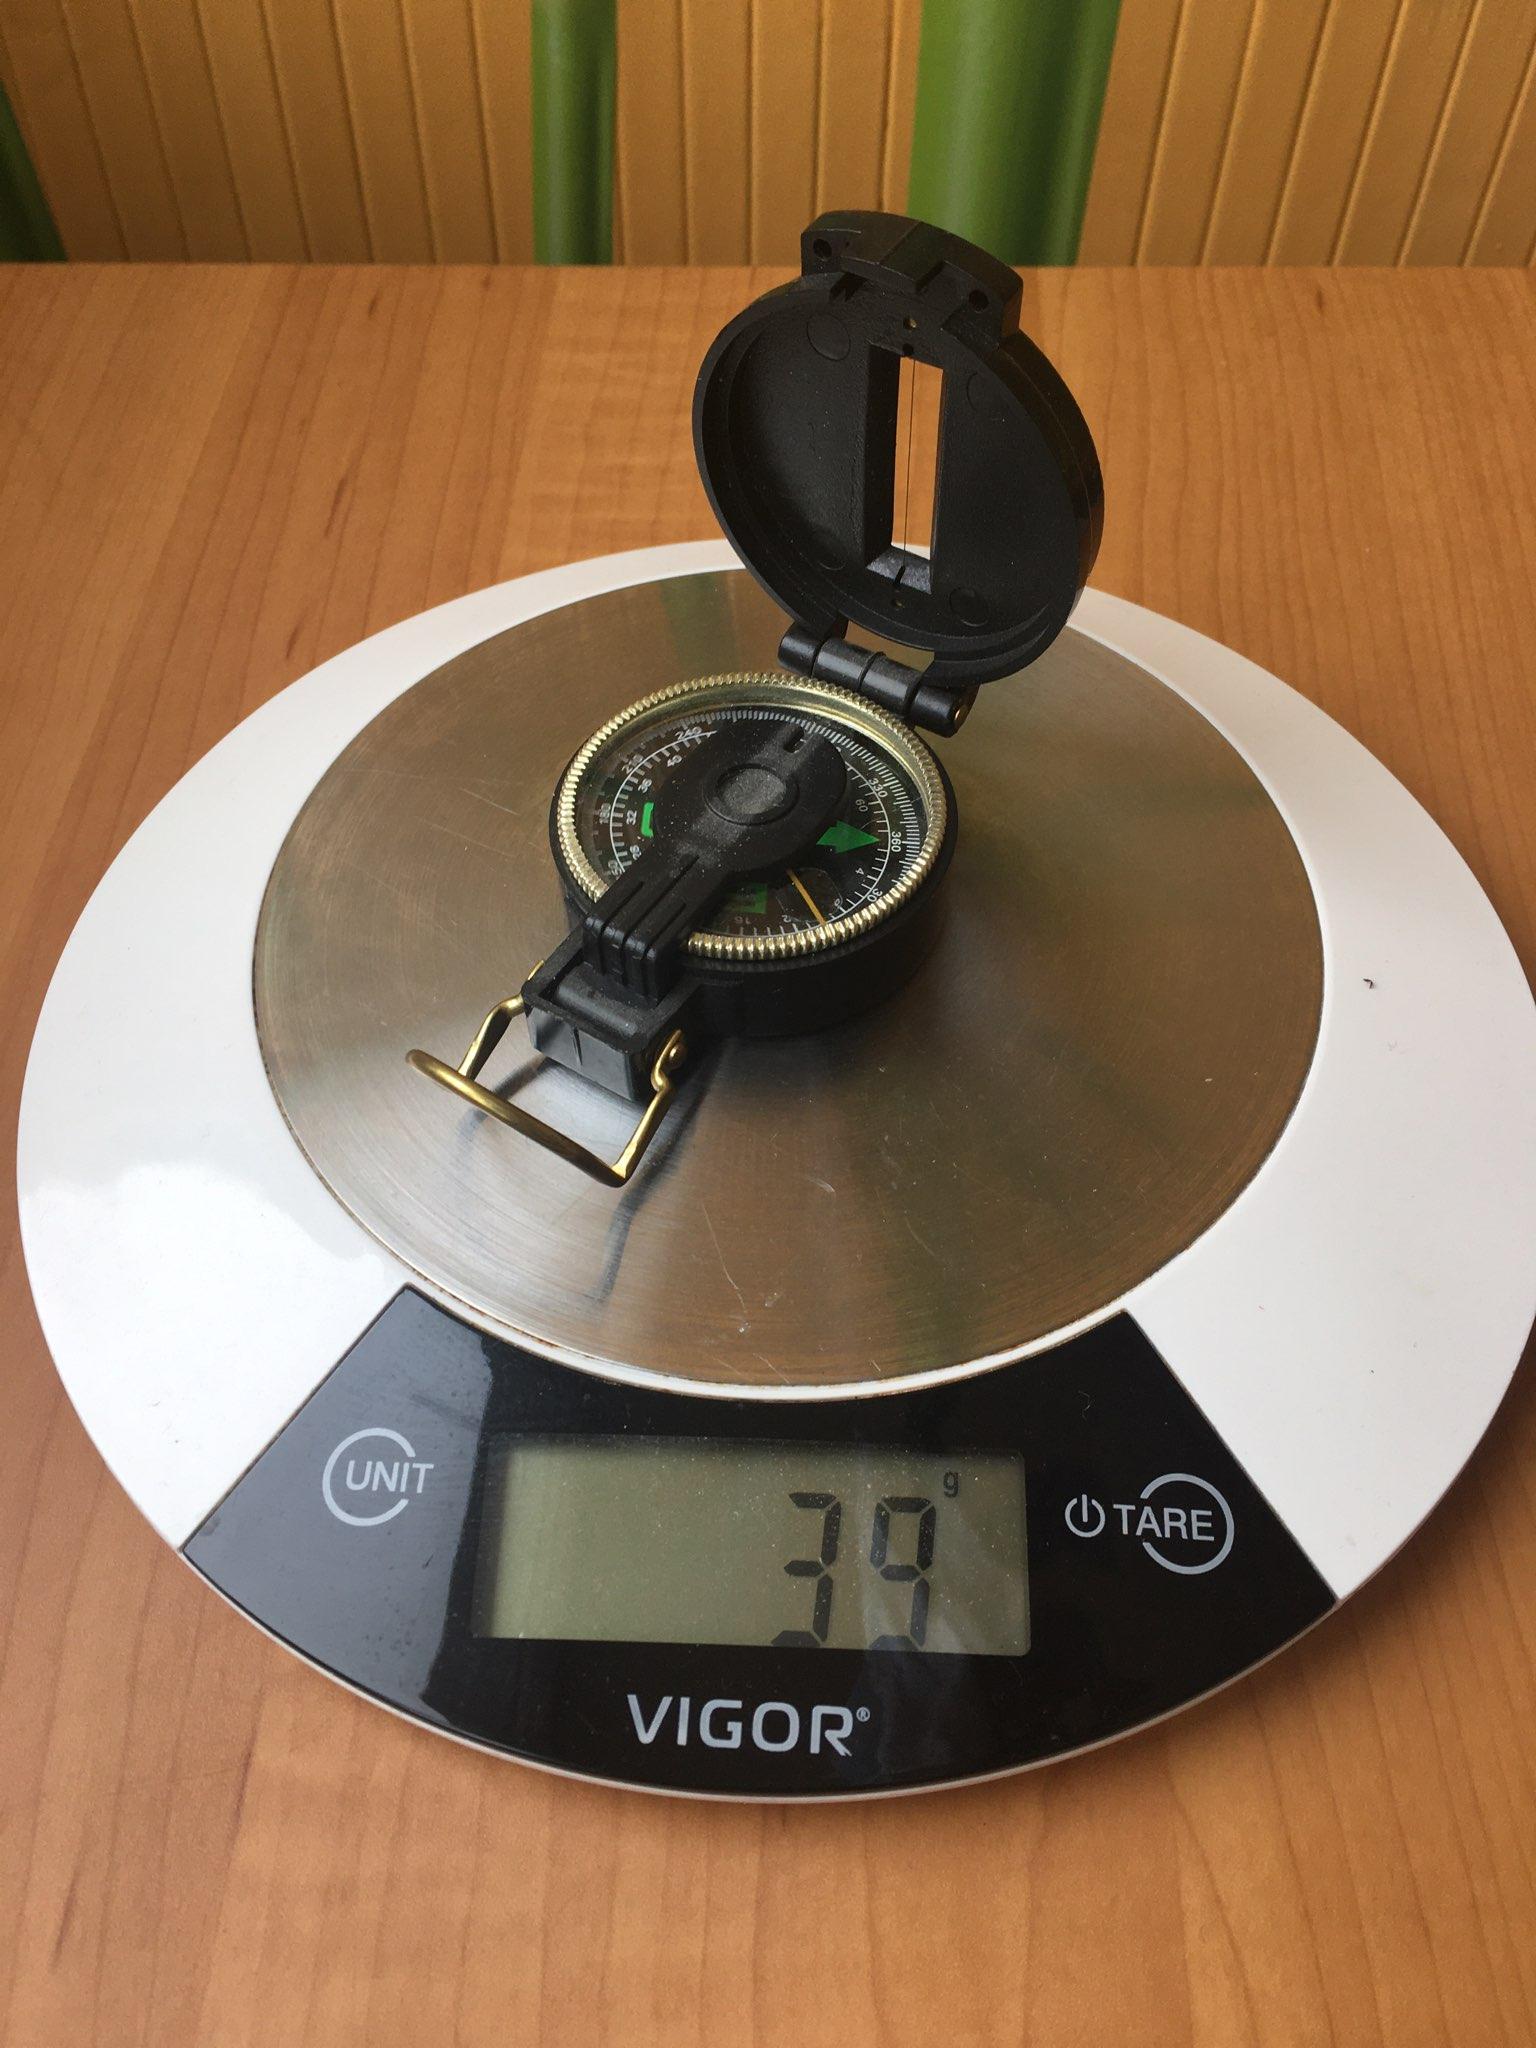 вес компаса